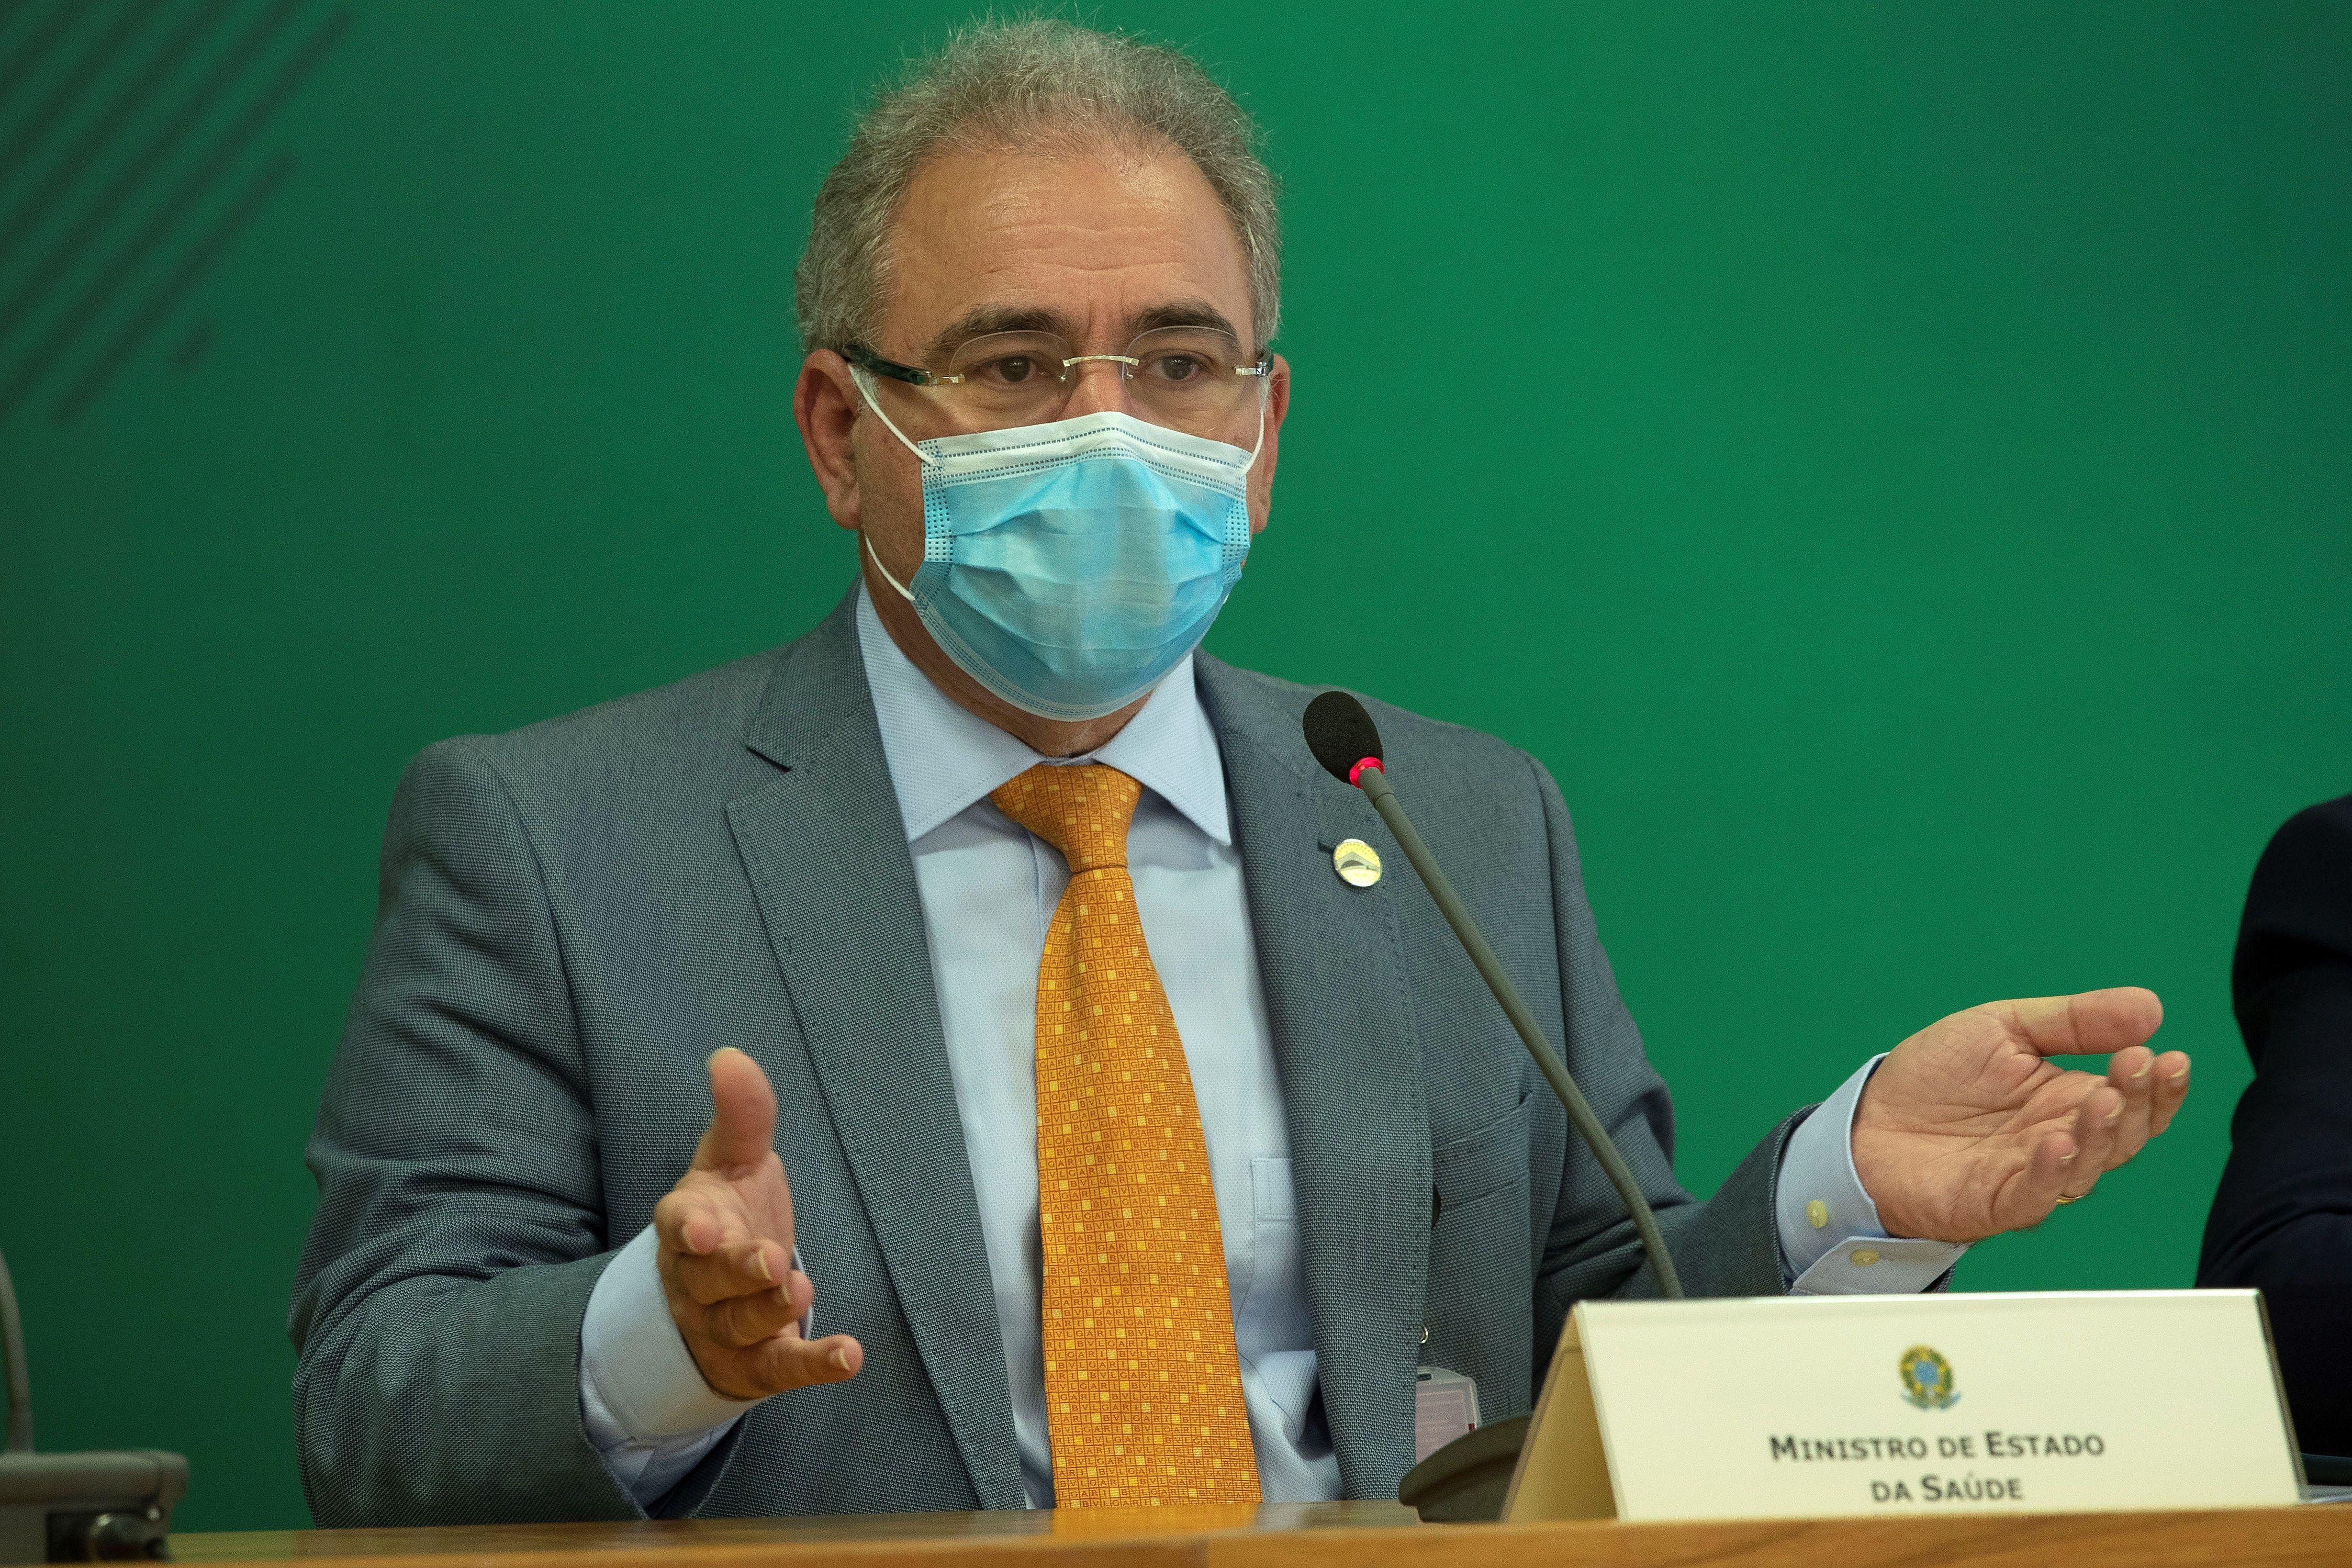 En la imagen, el ministro de Salud de Brasil, Marcelo Queiroga. EFE/Joédson Alves/Archivo